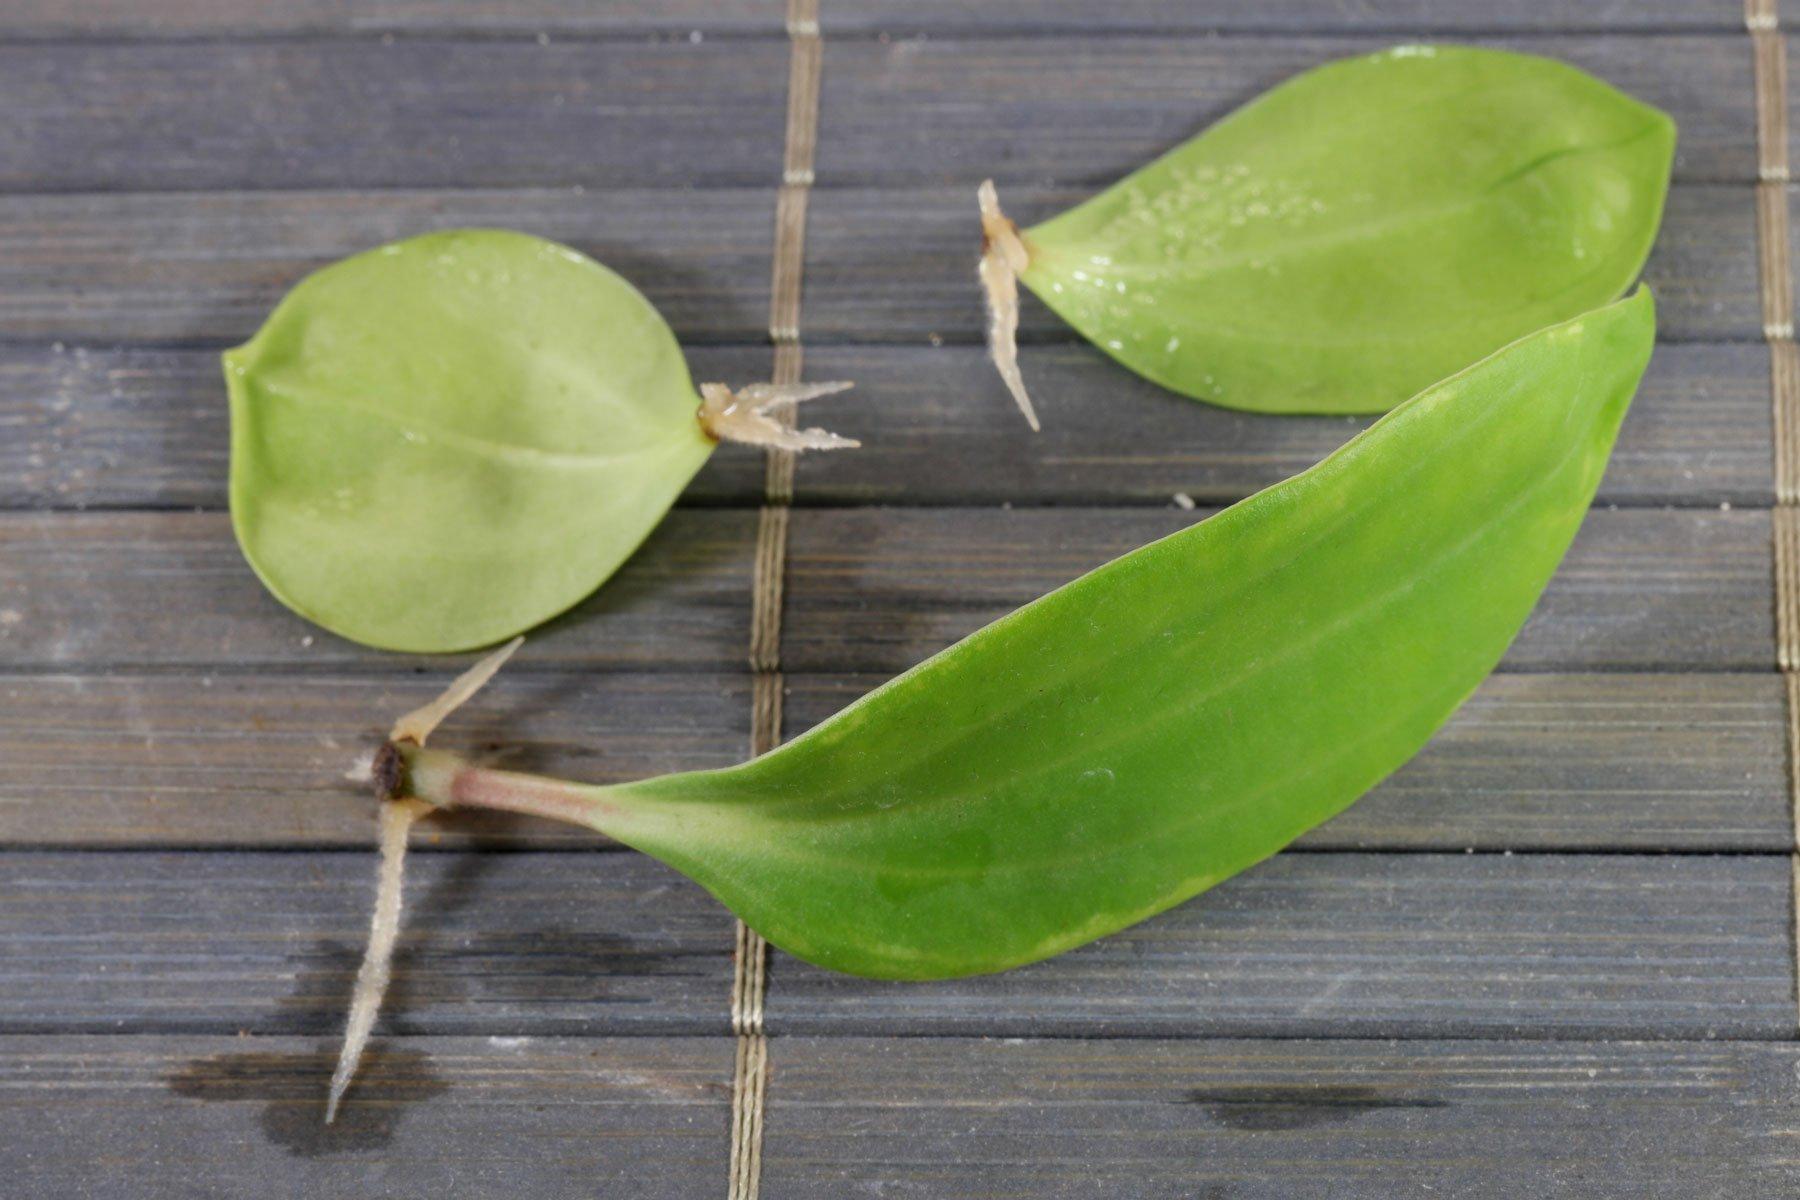 Peperomia pereskiifolia Blattstecklinge